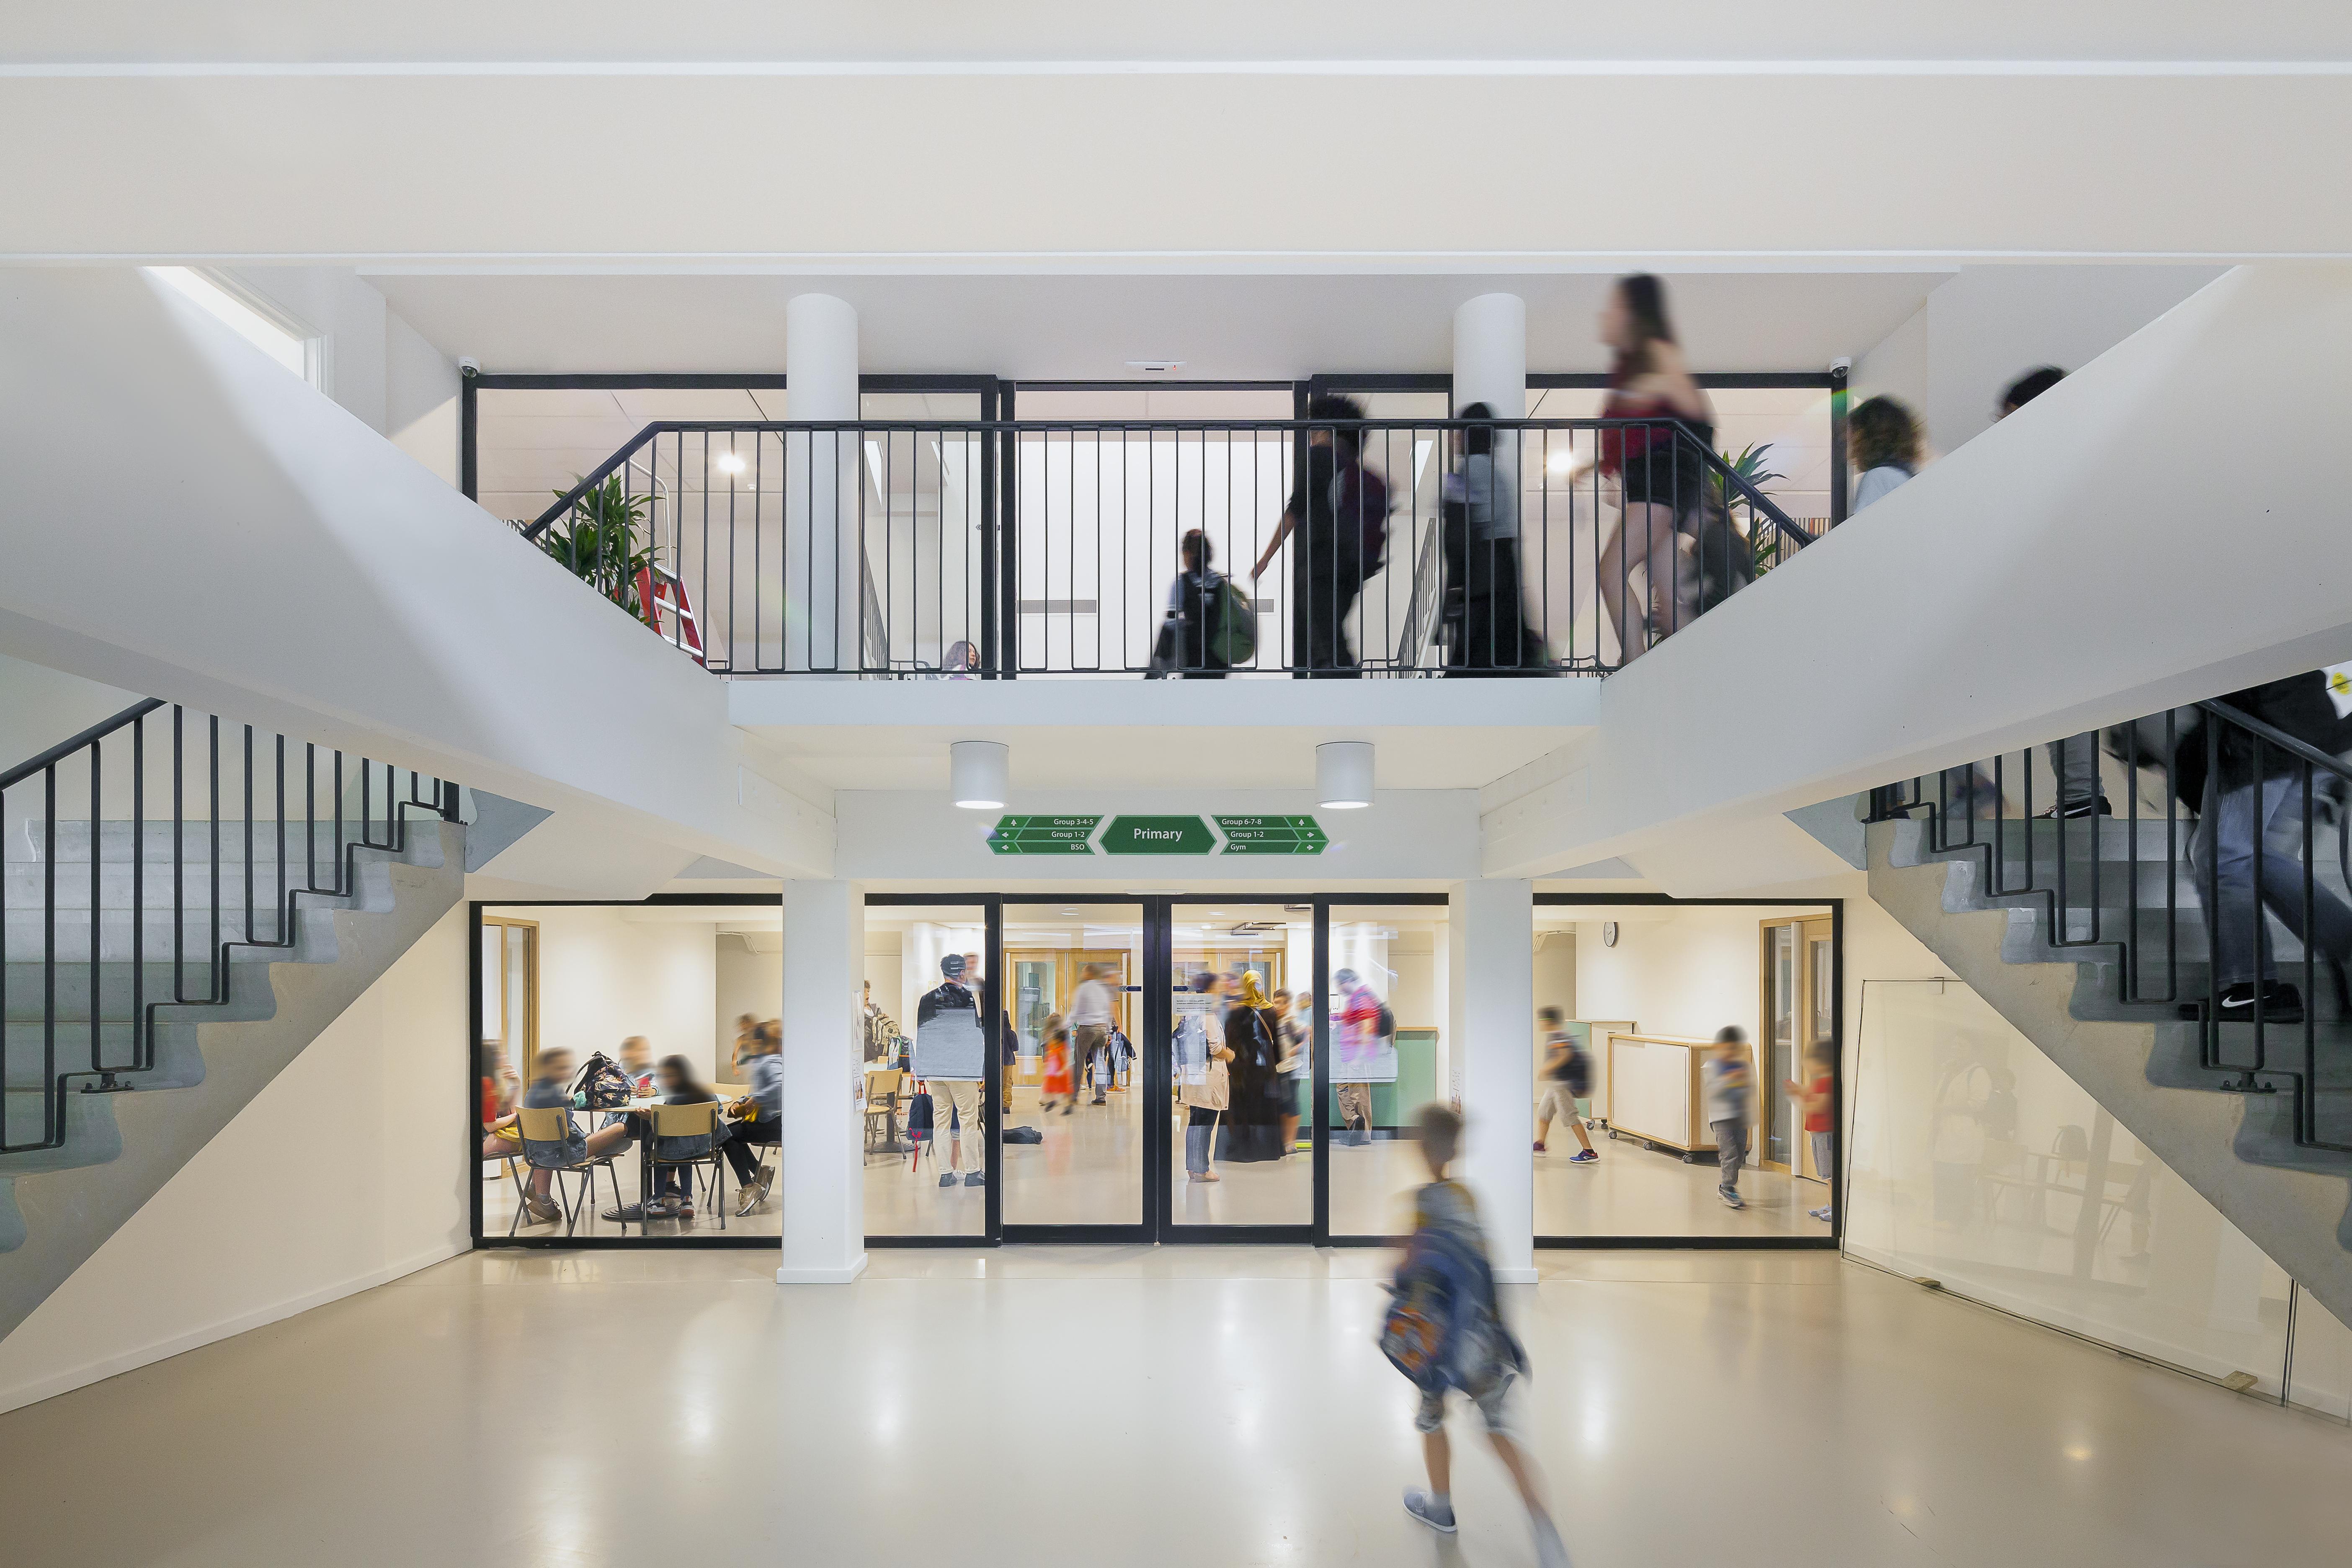 <p>Het trappenhuis met blik op de nieuwe begane grond en eerste verdieping, foto Sonia Arrepia</p>